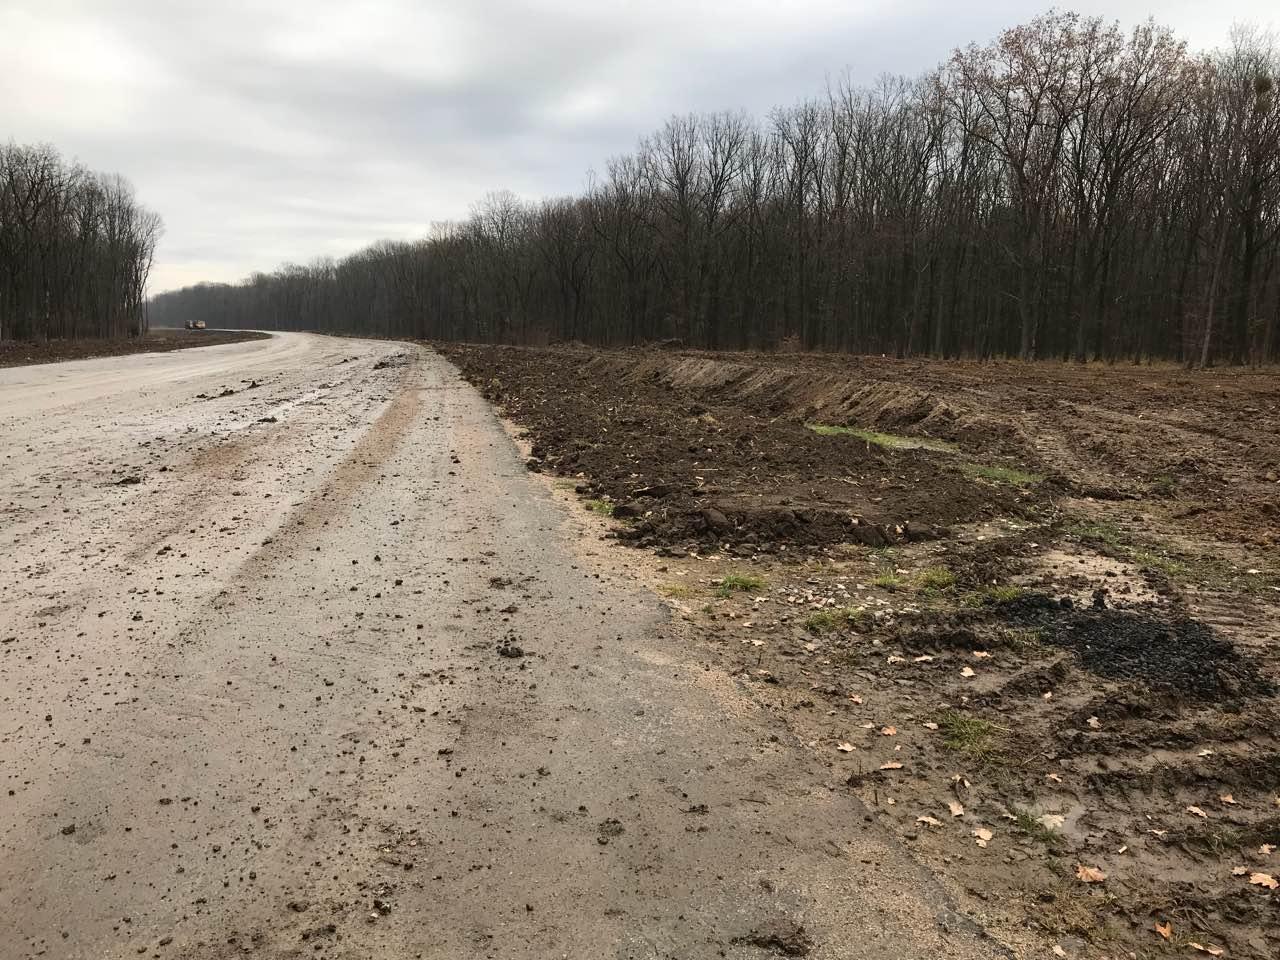 Об'їзну дорогу на Кіровоградщині, заради якої за часів Ларіна знищили гектари лісу, нарешті відкриють для транспорту. ФОТО. ВІДЕО 4